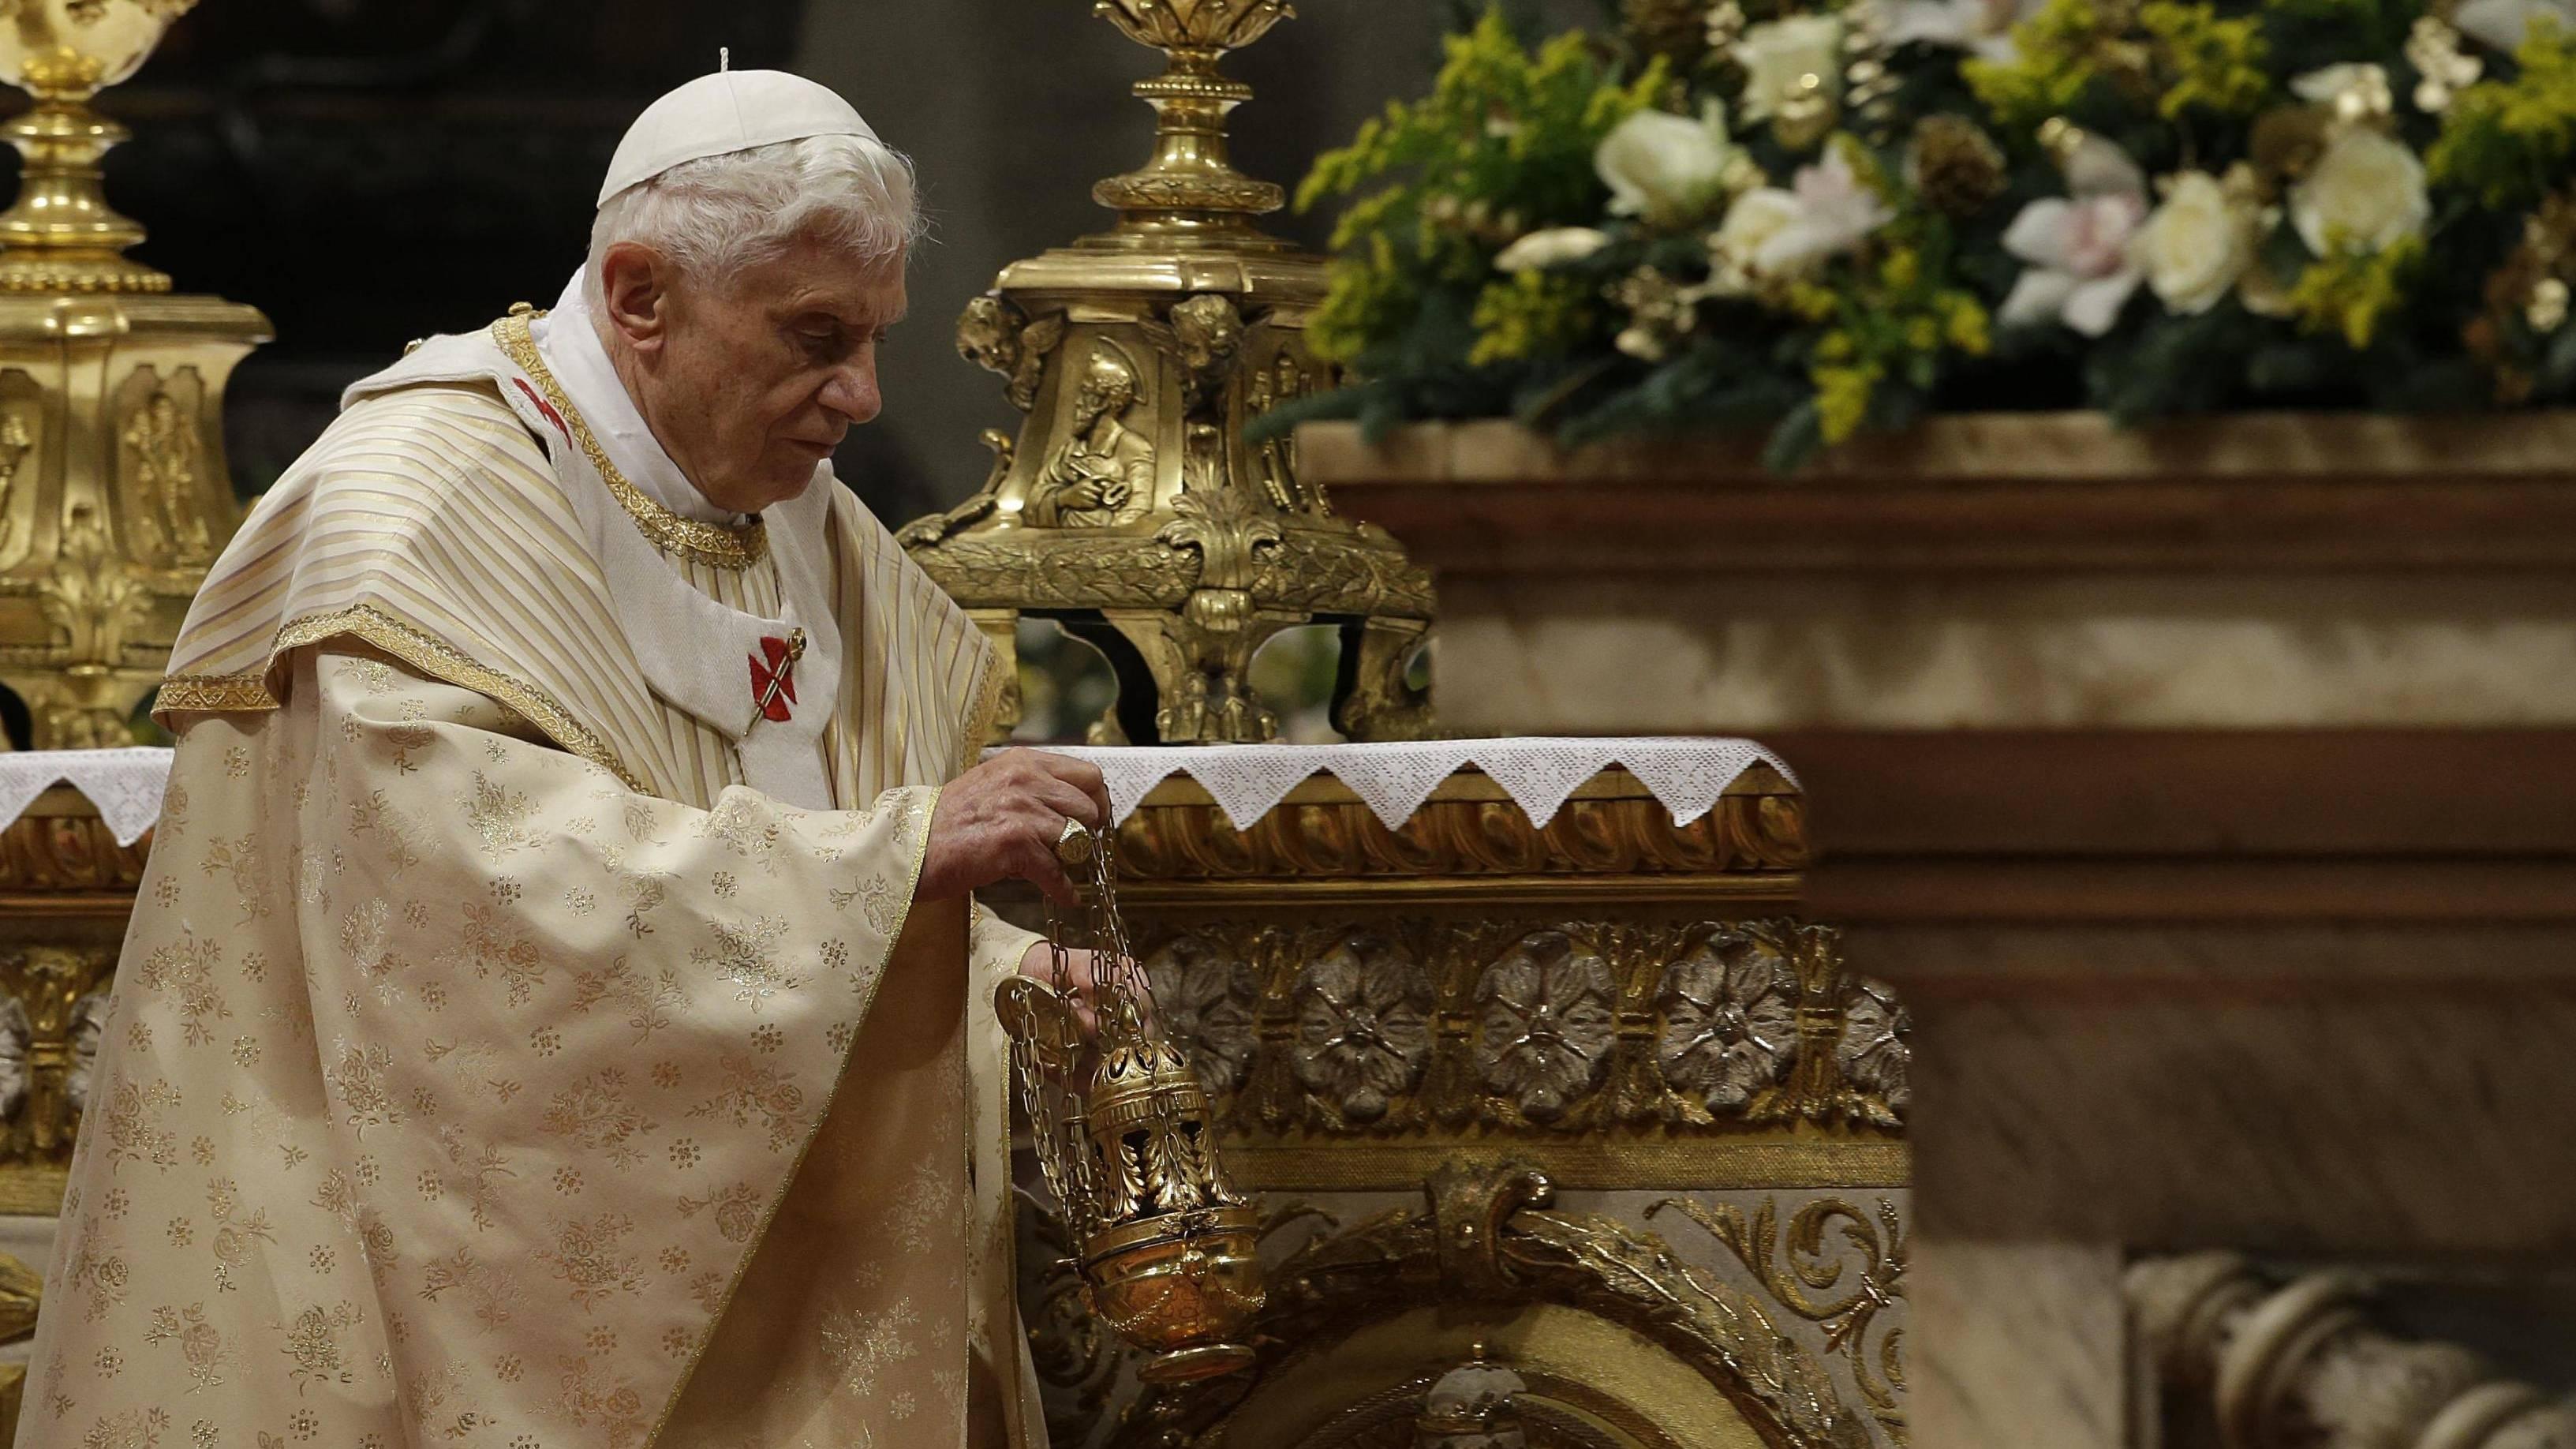 benedicto XVI castel gandolfo enciclicas oraciones exhortaciones apostolicas krouillong sacrilegio comunion en la mano 65